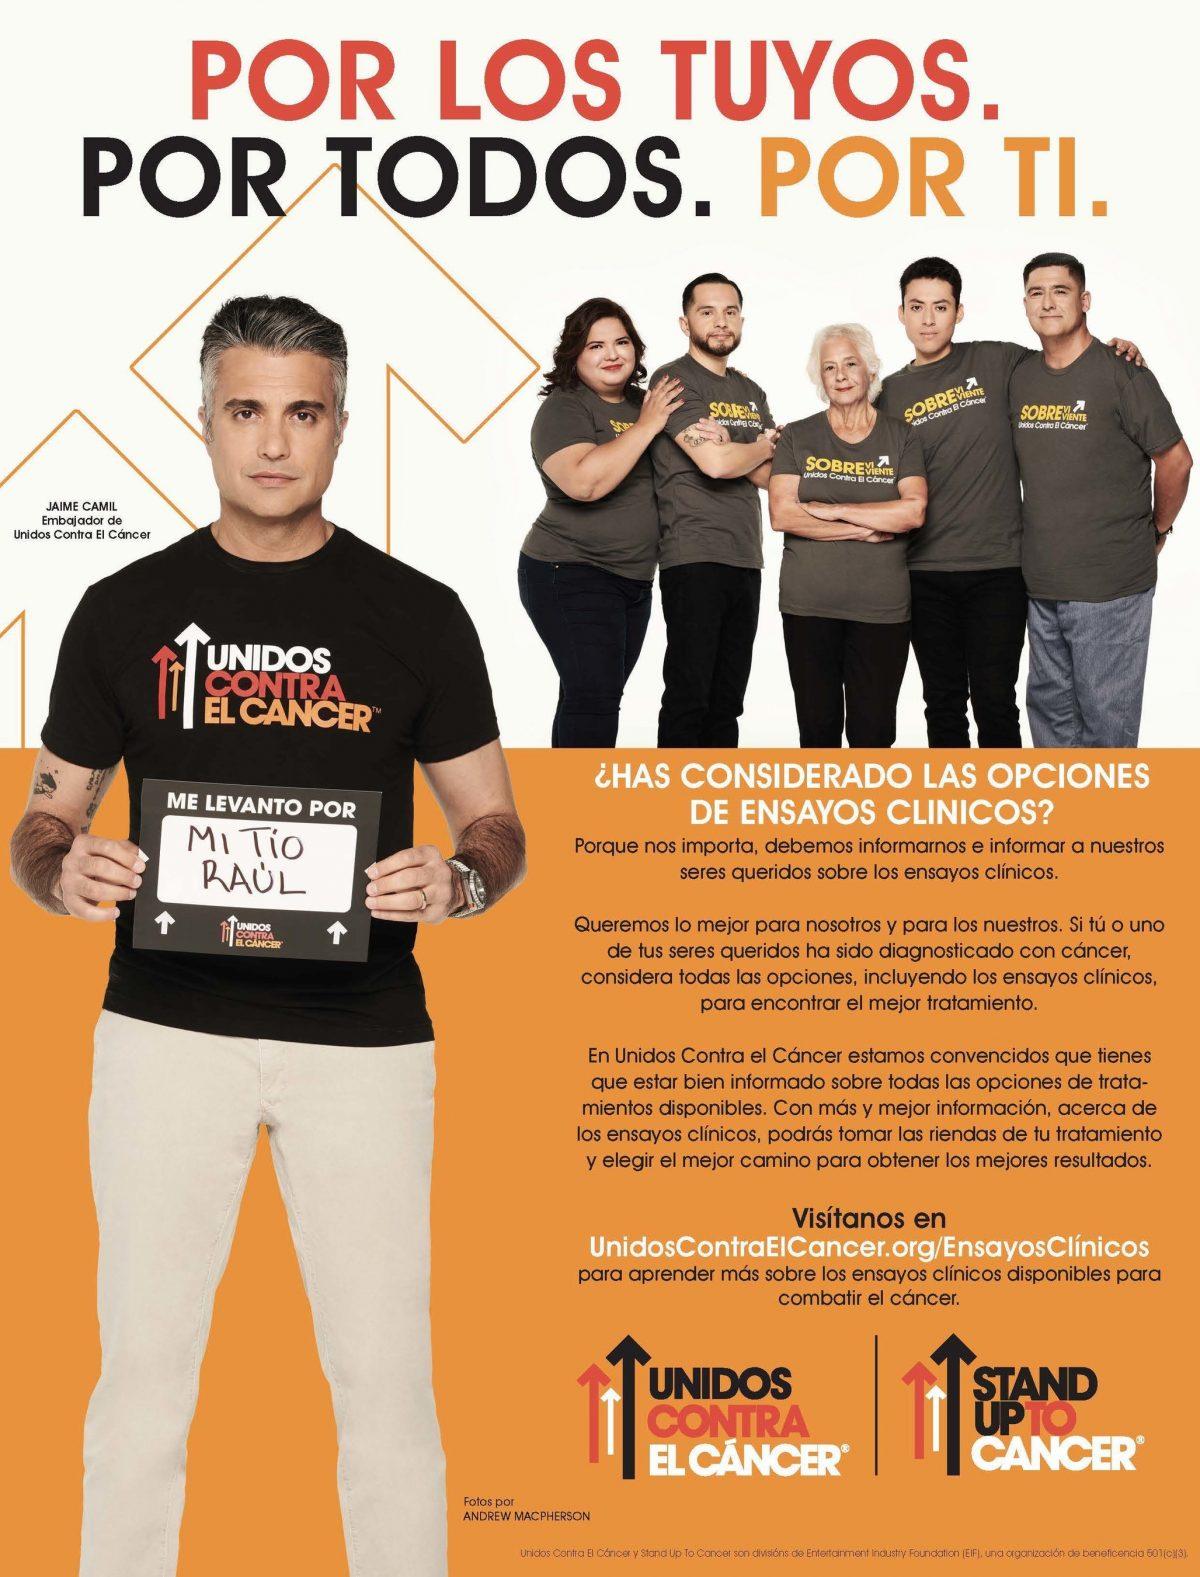 Jaime Camil se une a los sobrevivientes de cáncer en un nuevo PSA para Unidos Contra El Cáncer® para fomentar la participación hispana en los ensayos clínicos sobre el cáncer